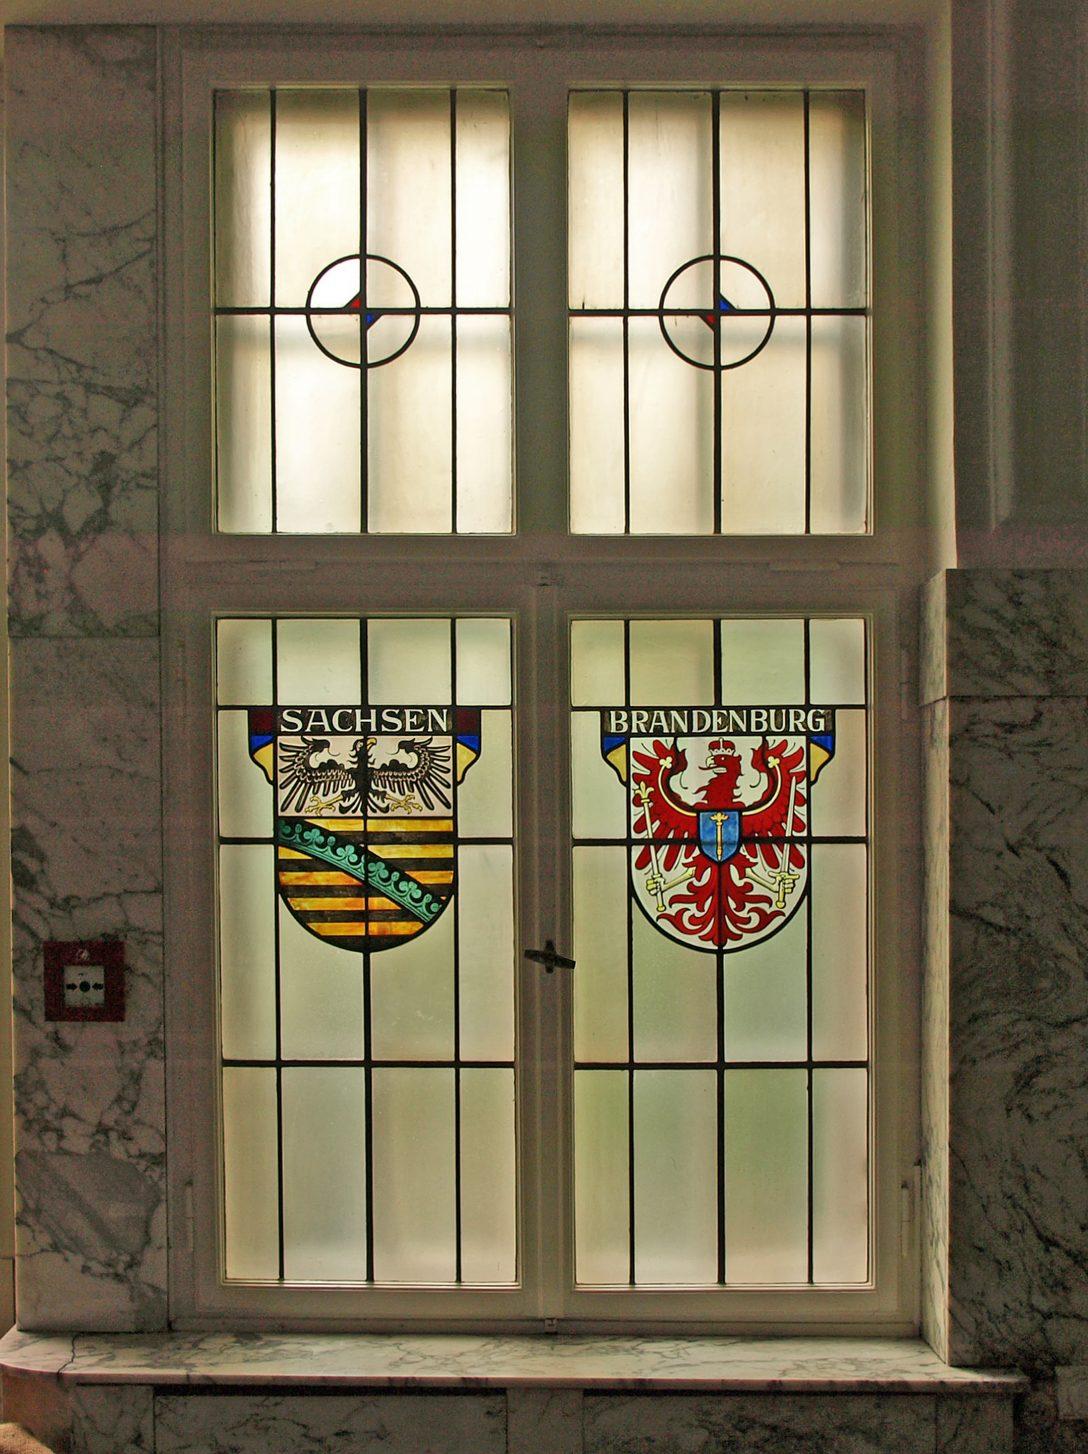 Large Size of Fenster Bremen Rollos Für Sicherheitsfolie Test Jalousien Sichtschutzfolie Konfigurator Nach Maß Stores Absturzsicherung Günstig Kaufen Flachdach Alte Herne Fenster Fenster Bremen